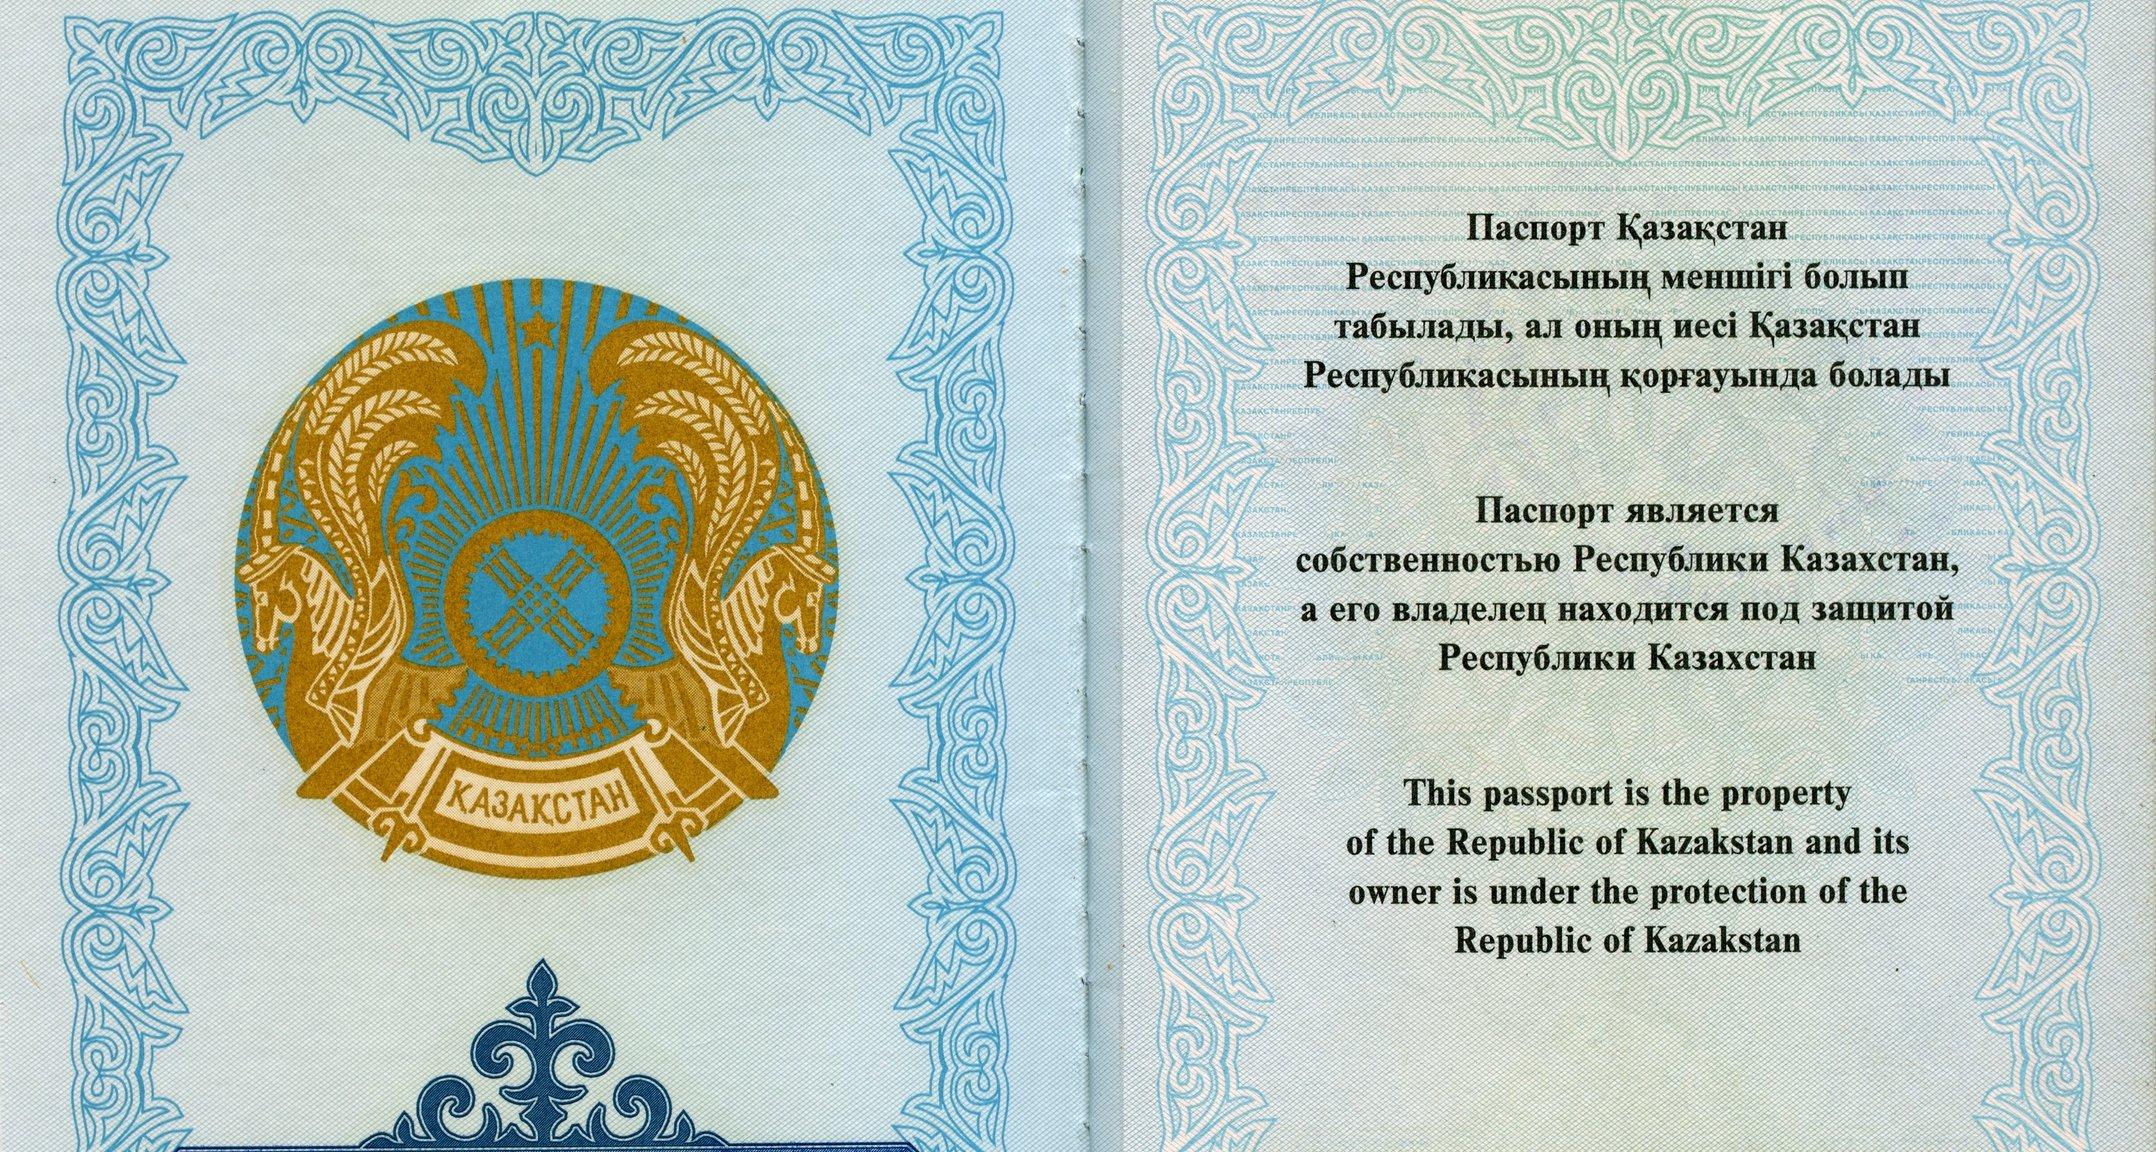 Обзор законодательства Республики Казахстан: Электронные паспорта